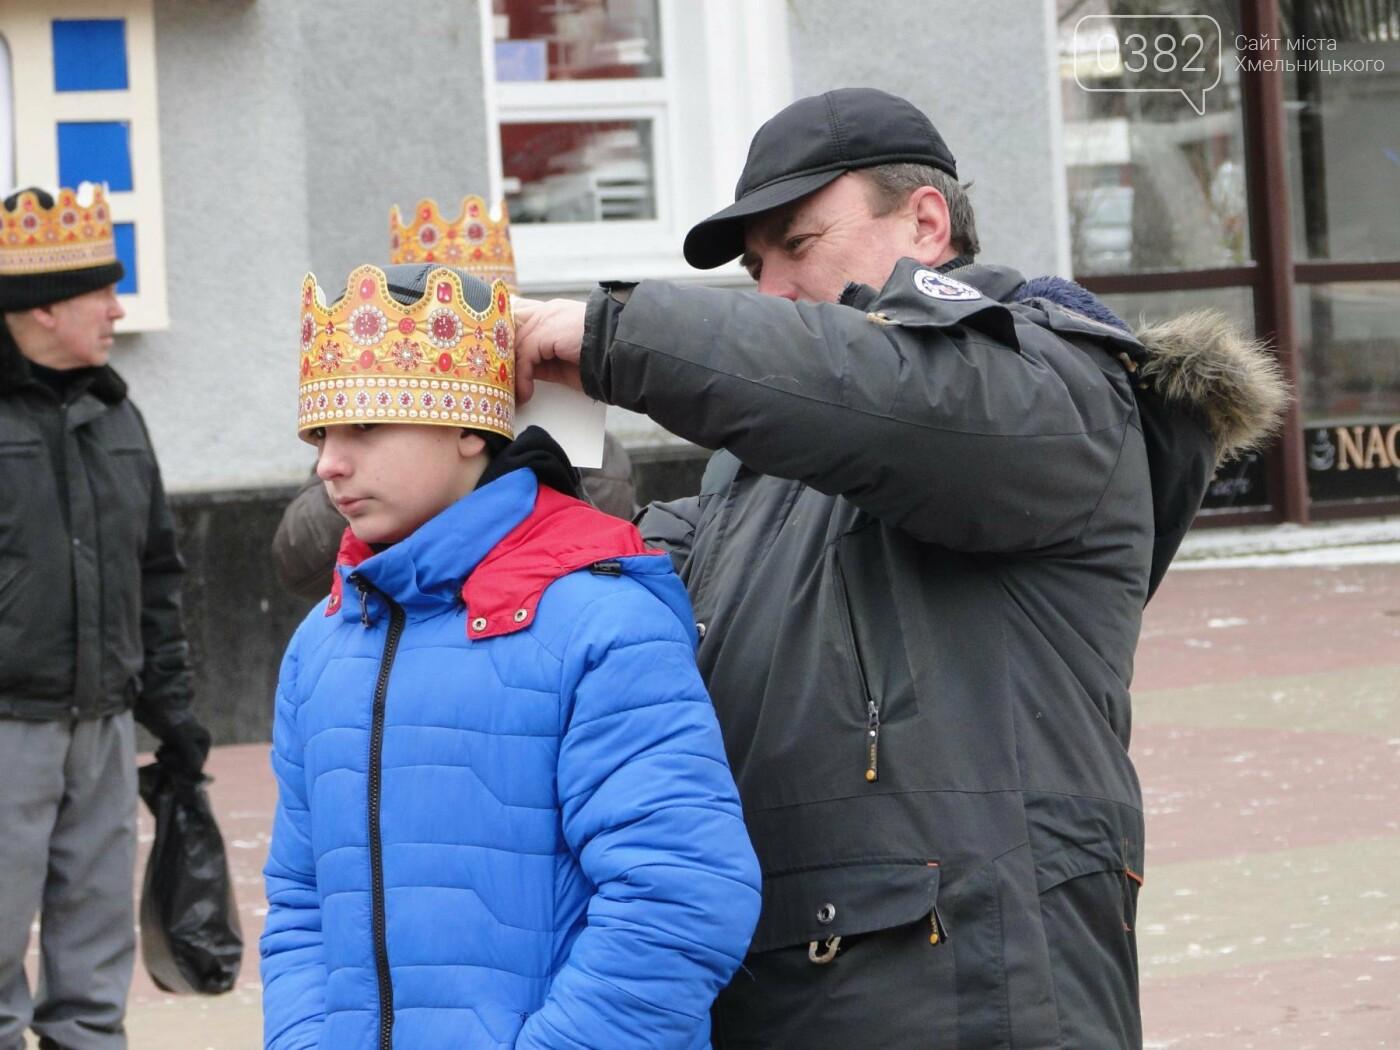 Хмельницьким пройшла святкова хода «Трьох Царів». ФОТО, фото-1